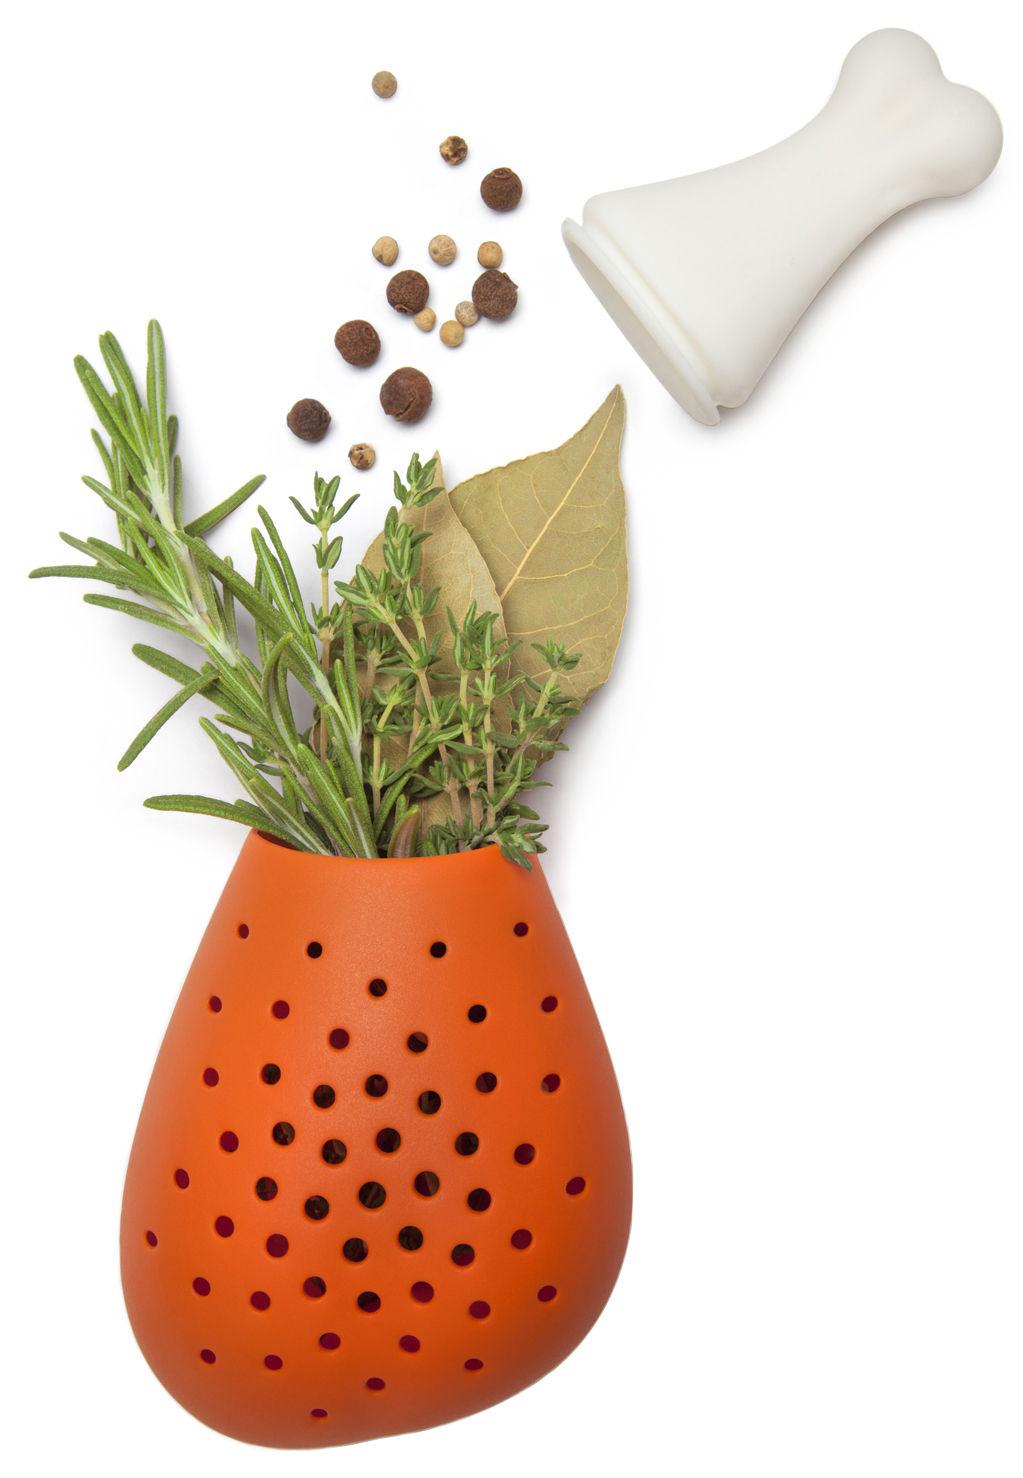 Küche - Küchenutensilien - Pulke Tee-Ei - Pa Design - Orange - Silicone alimentaire